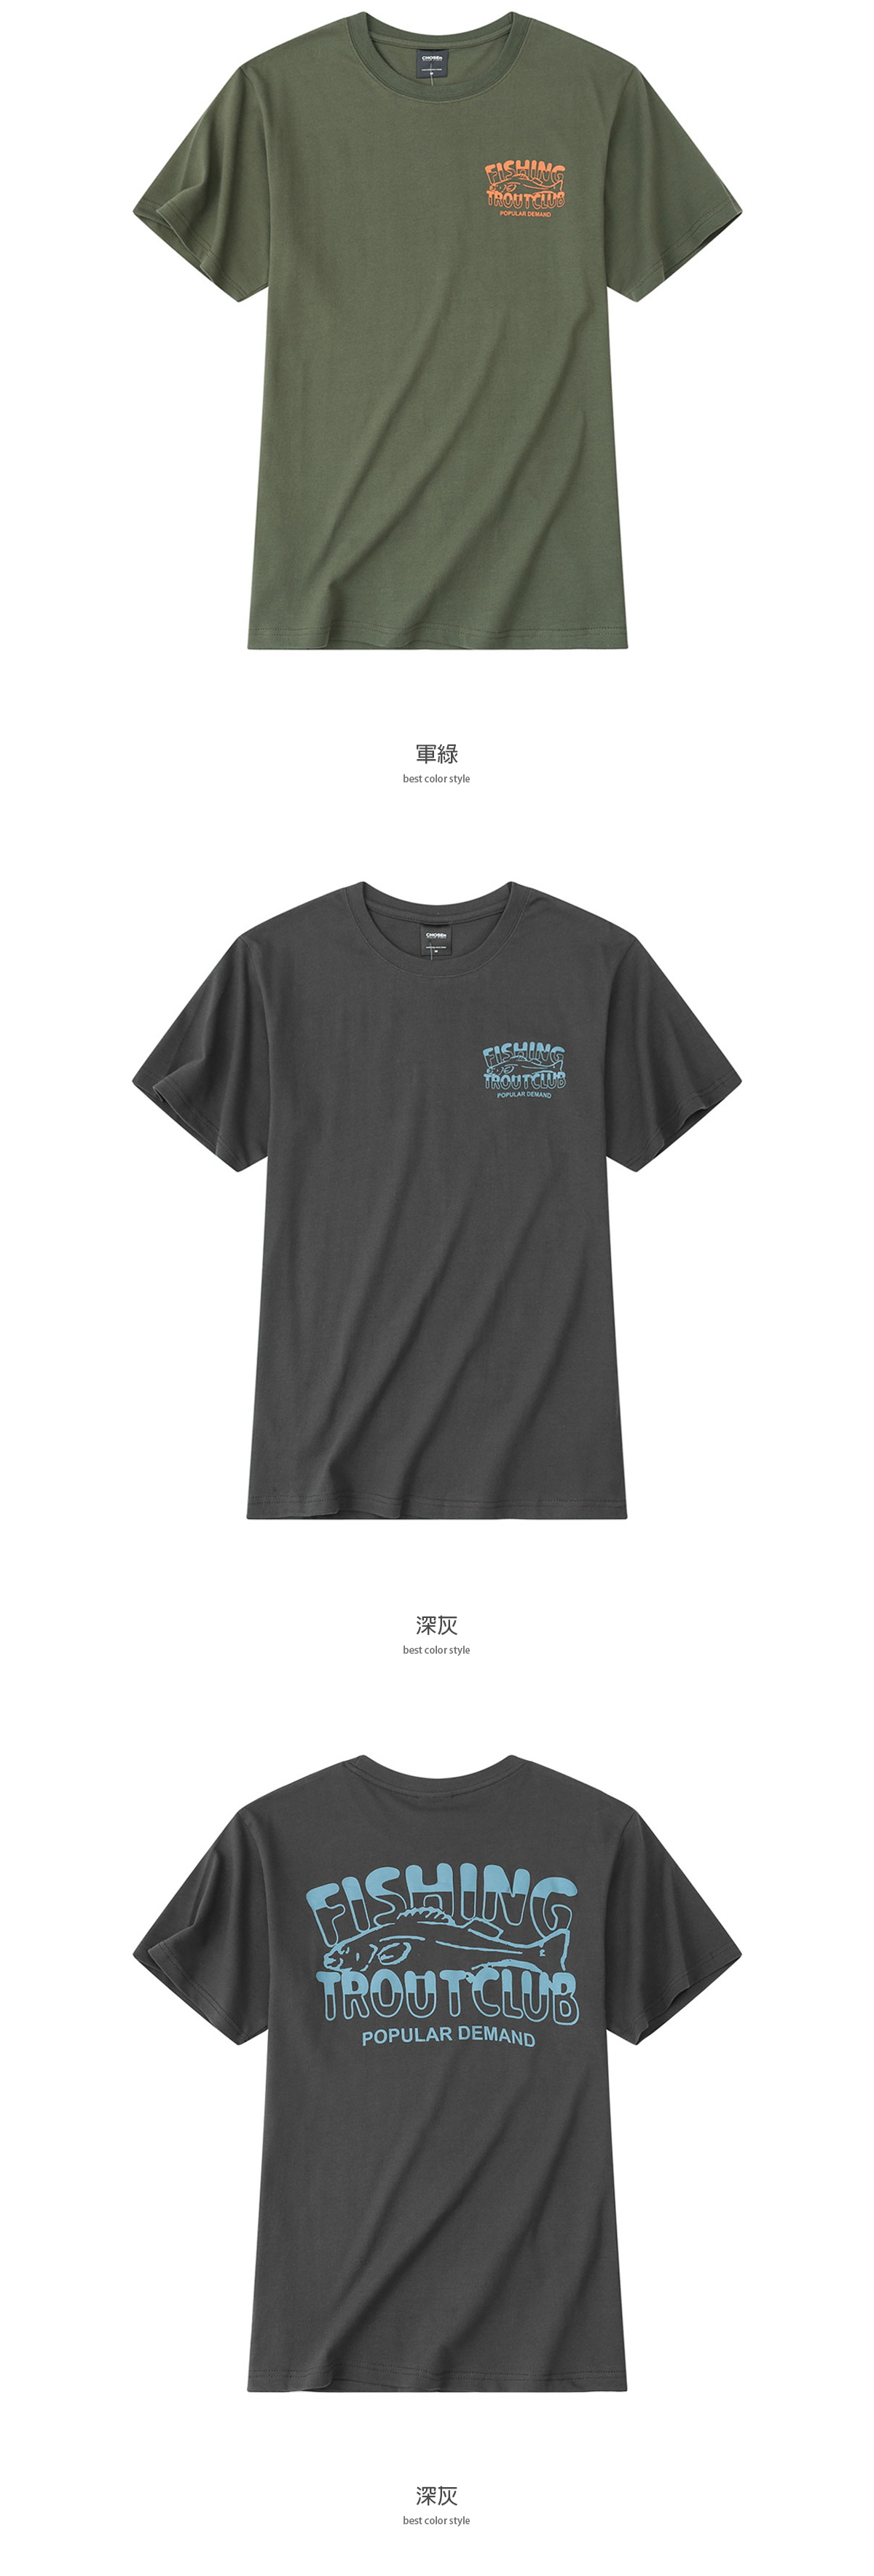 美式復古漁拓印花短袖T恤